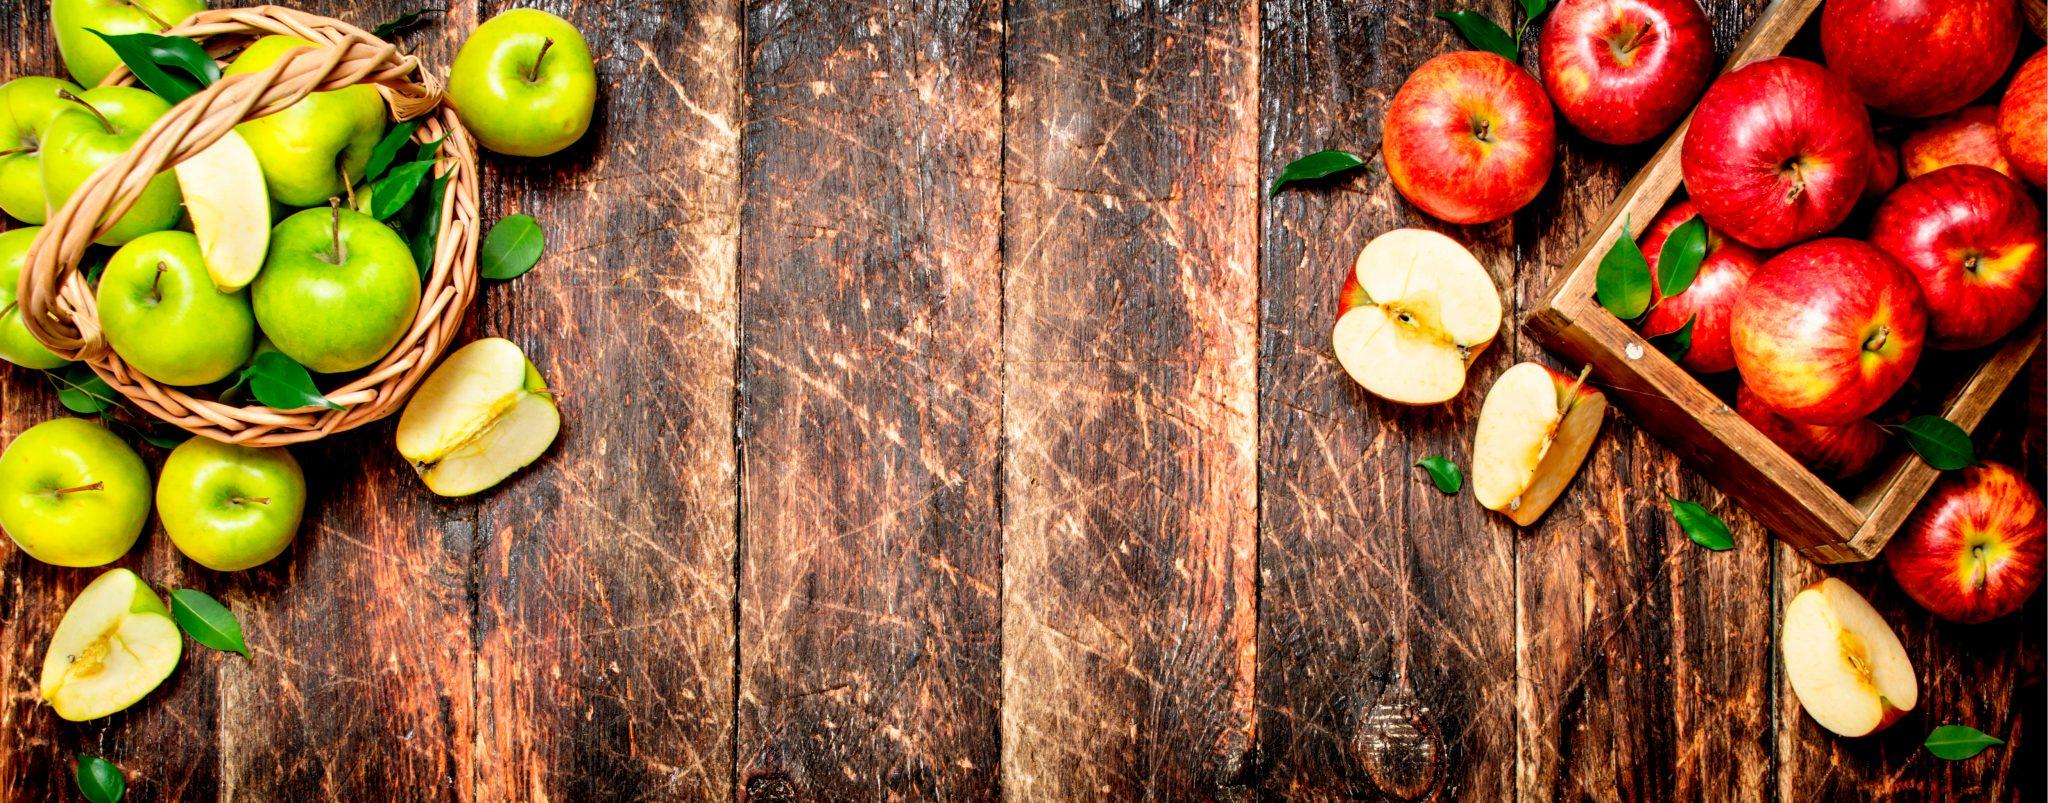 青りんごとリンゴ